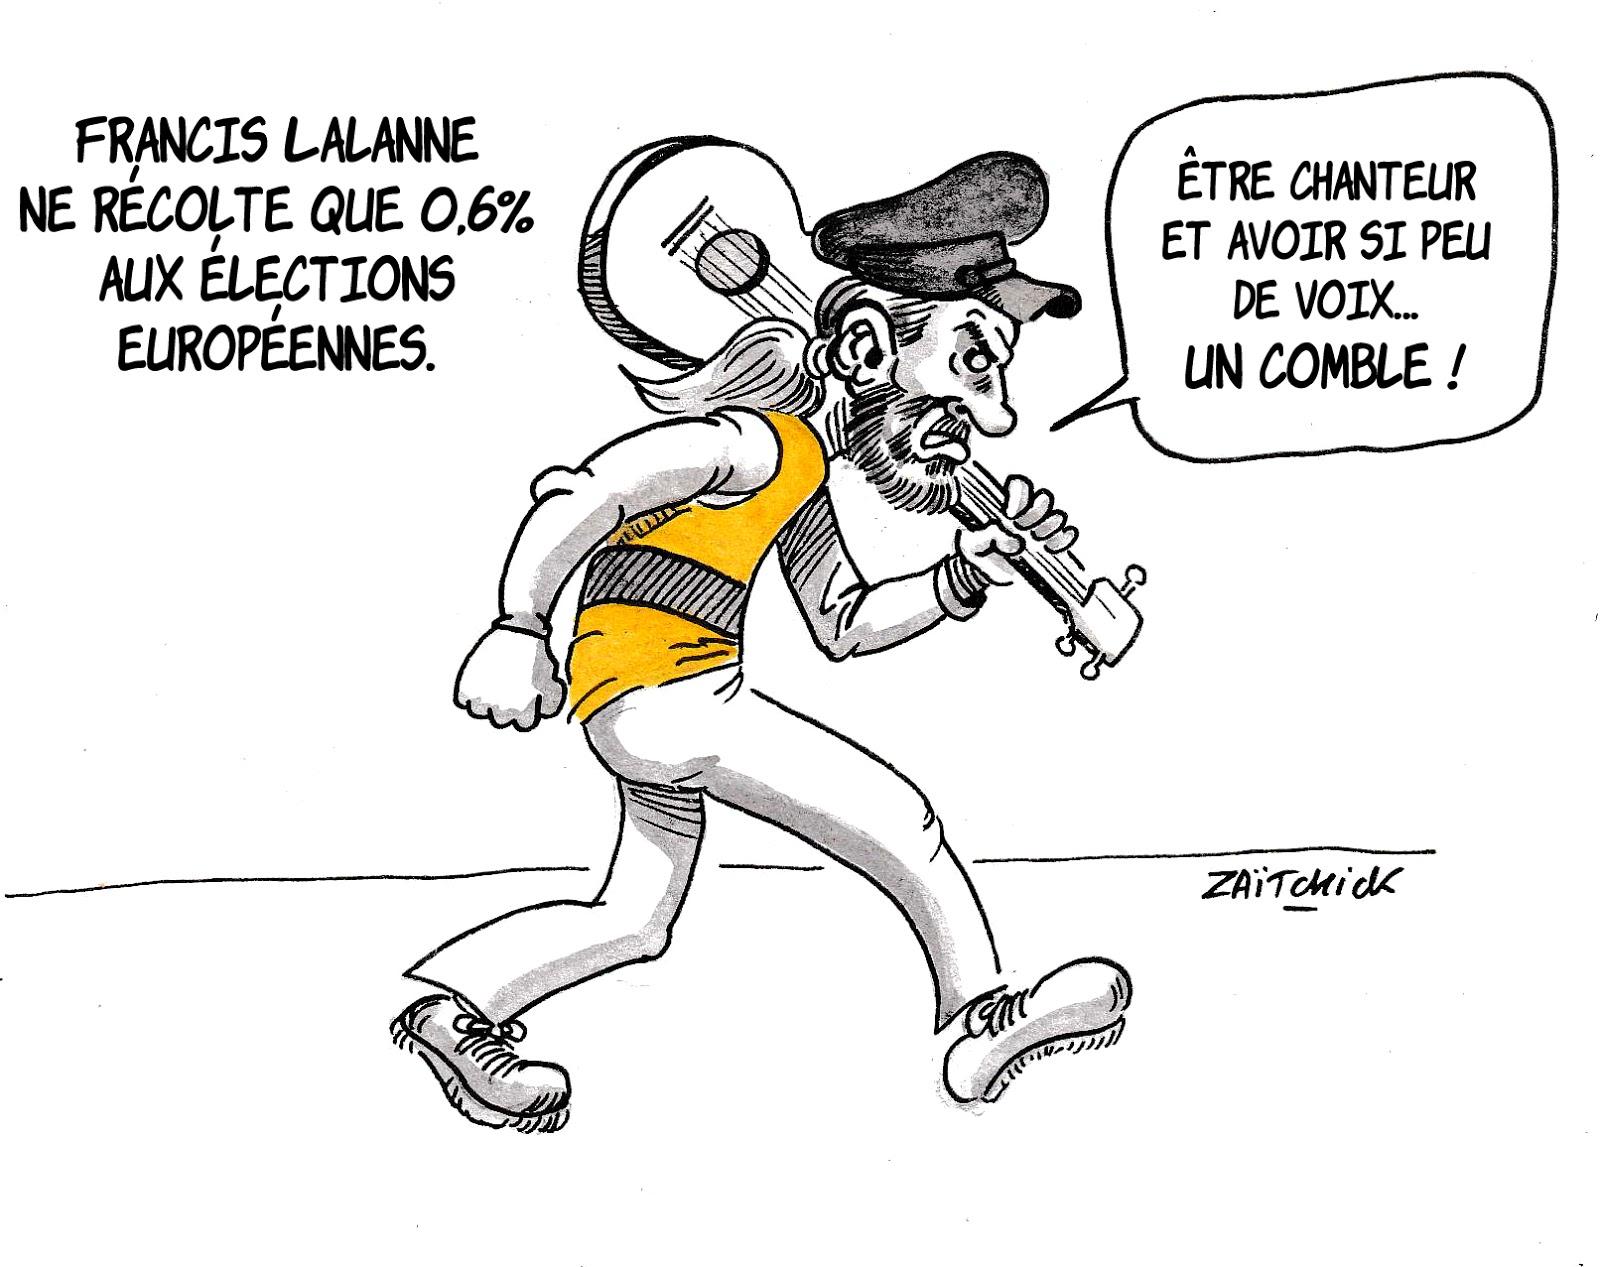 blague sur Francis Lalanne – Blagues et Dessins